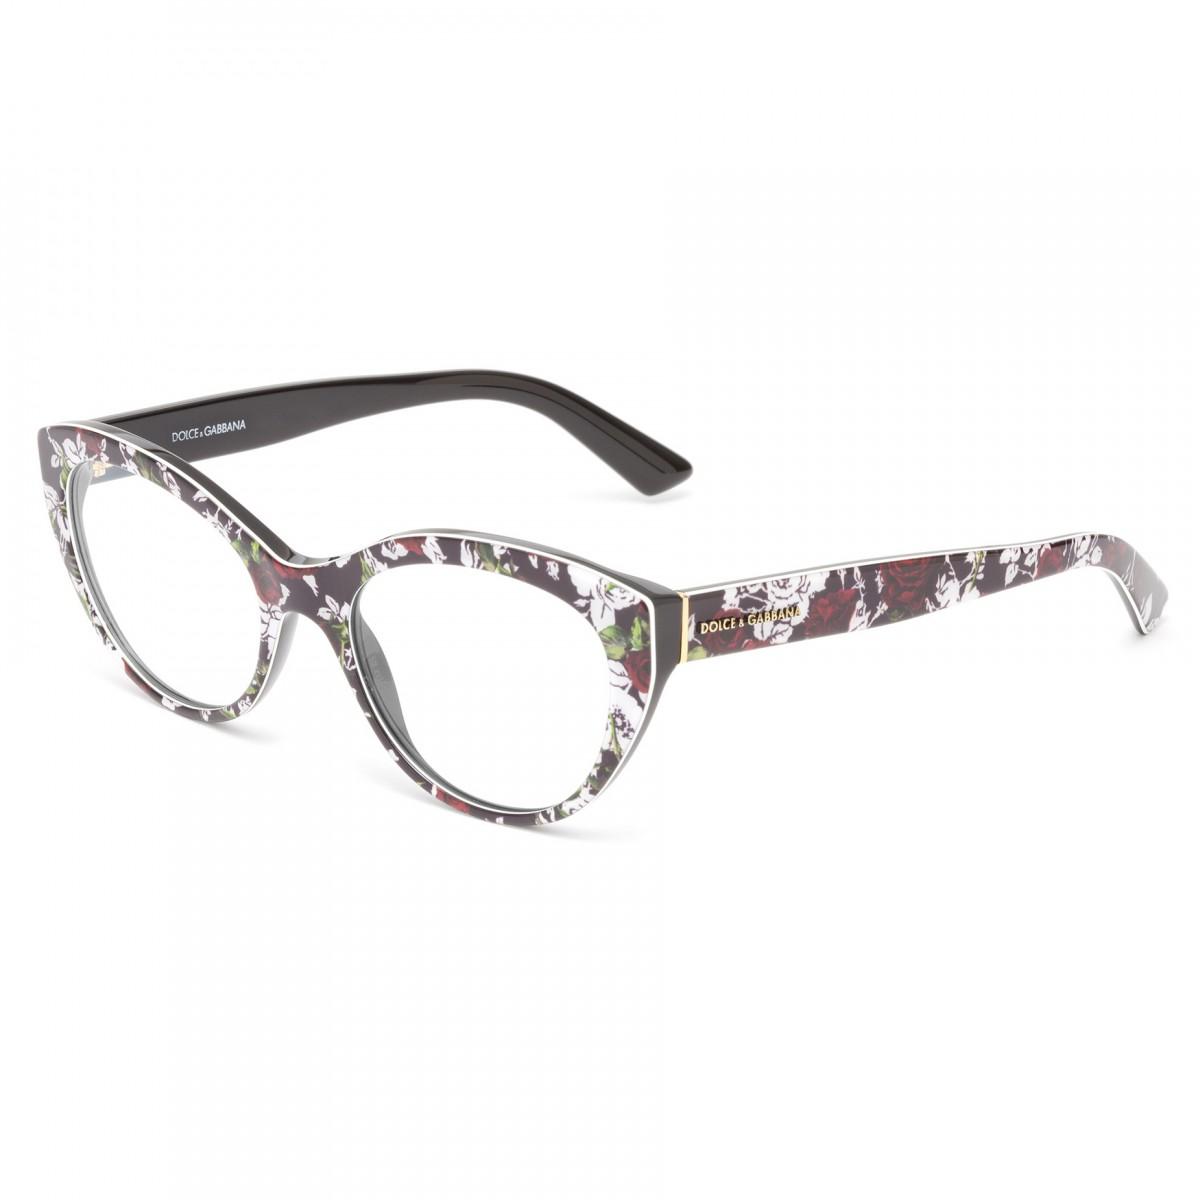 99d548fb4805b Compre Óculos de Grau Dolce   Gabbana em 10X